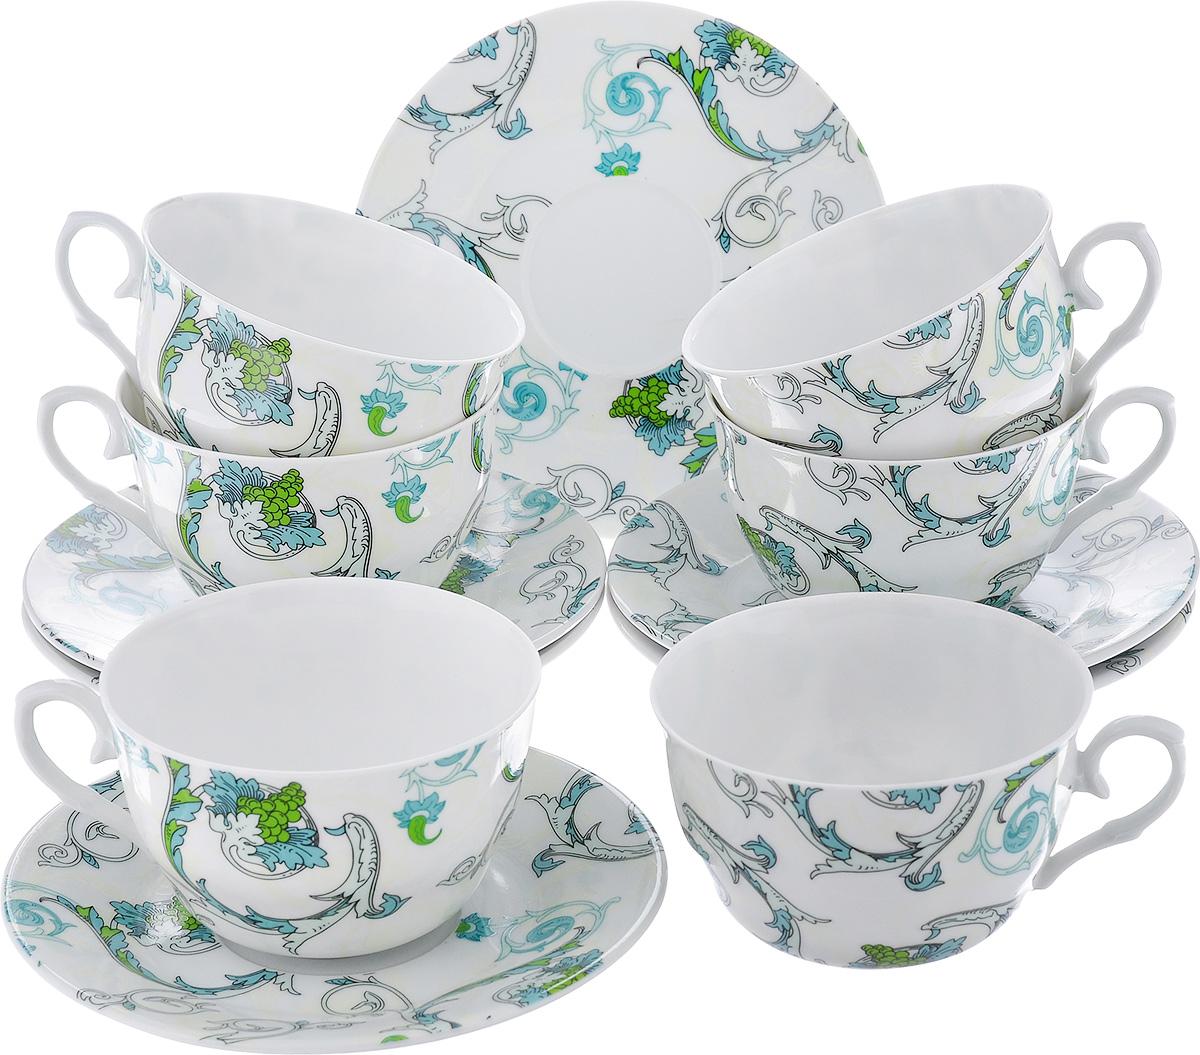 Чайный набор LarangE Рококо, цвет: белый, светло-зеленый, 12 предметов стоимость